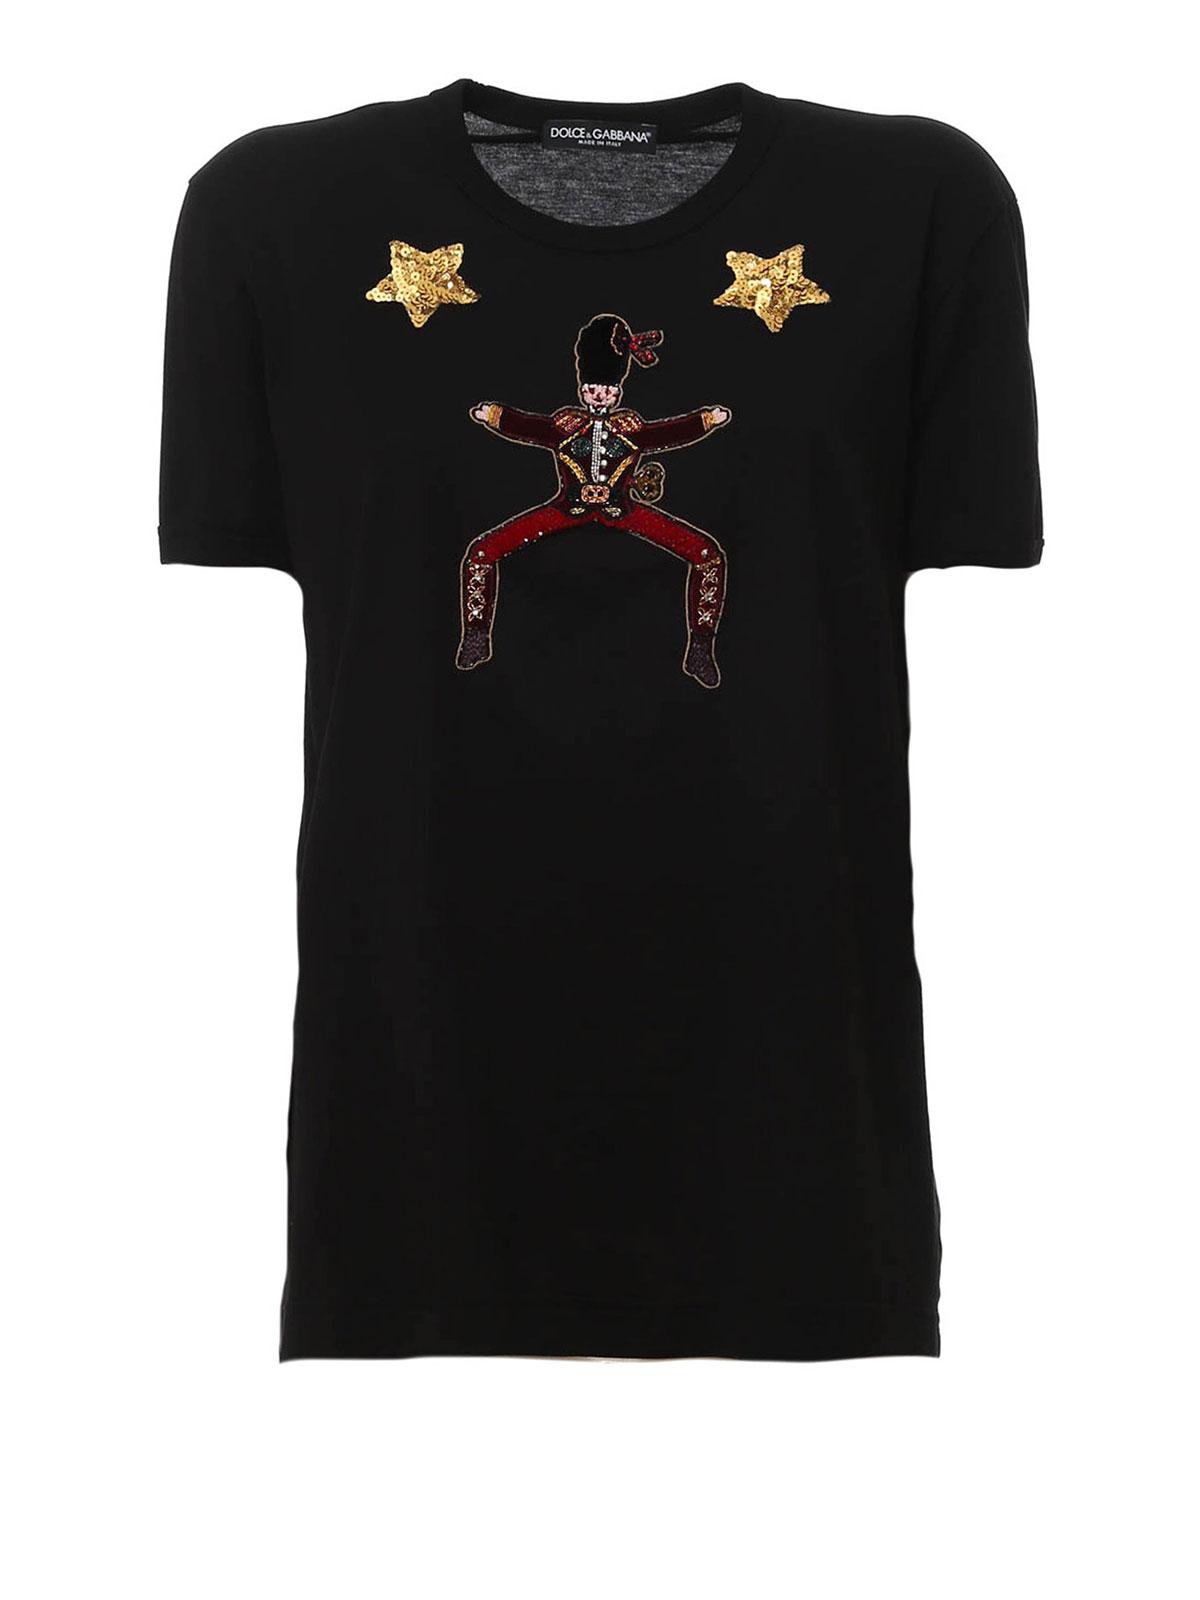 dolce gabbana wonderland embroidery t shirt t shirts f8h50zg7jdvn0000. Black Bedroom Furniture Sets. Home Design Ideas